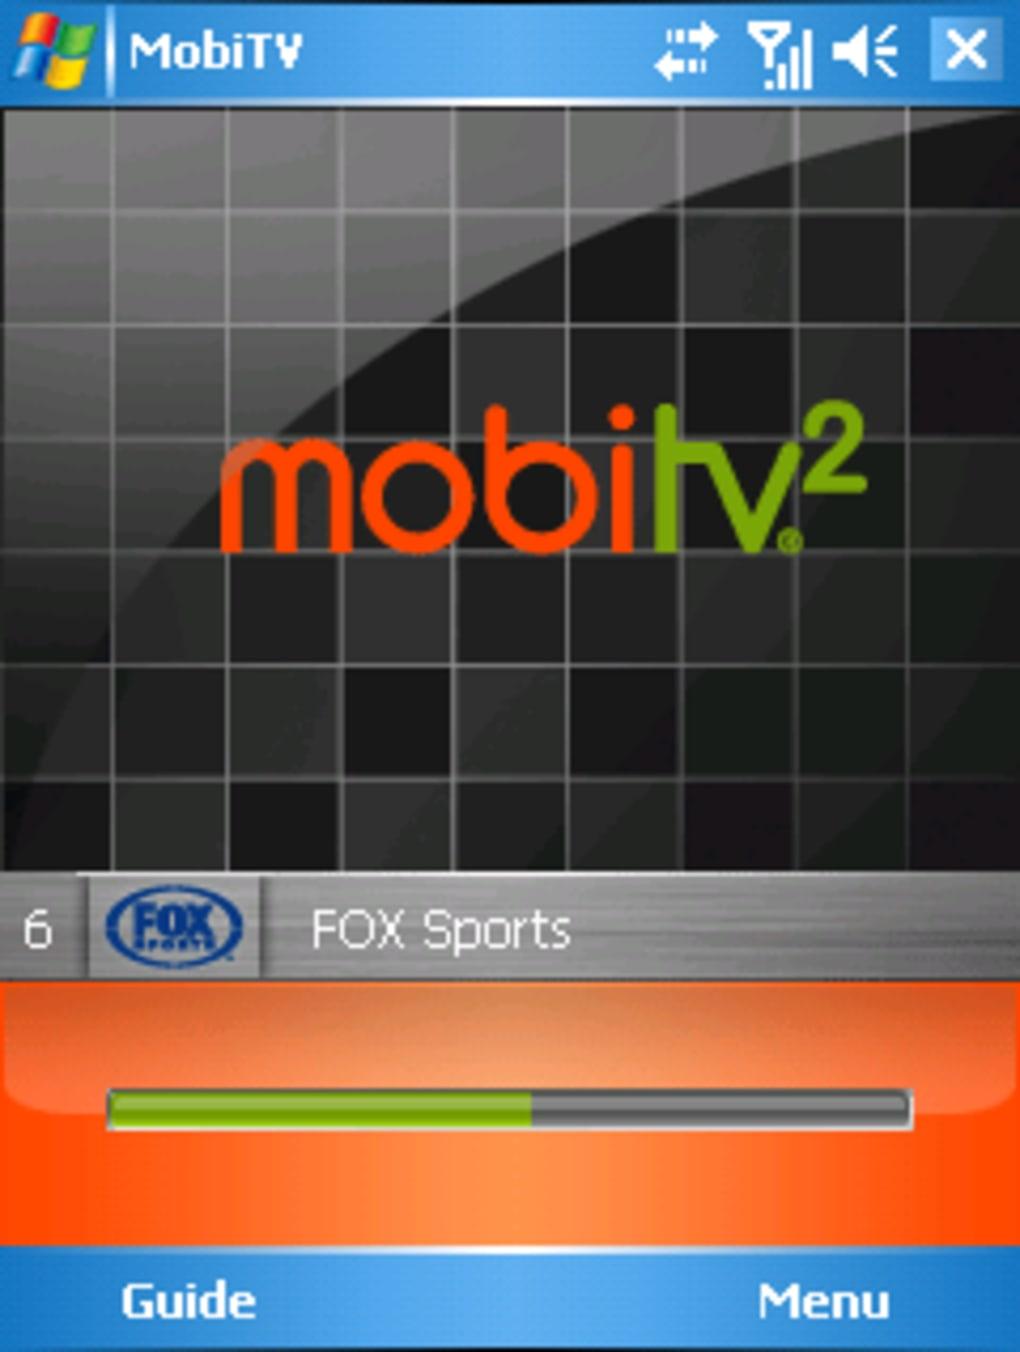 mobitv for windows mobile download. Black Bedroom Furniture Sets. Home Design Ideas